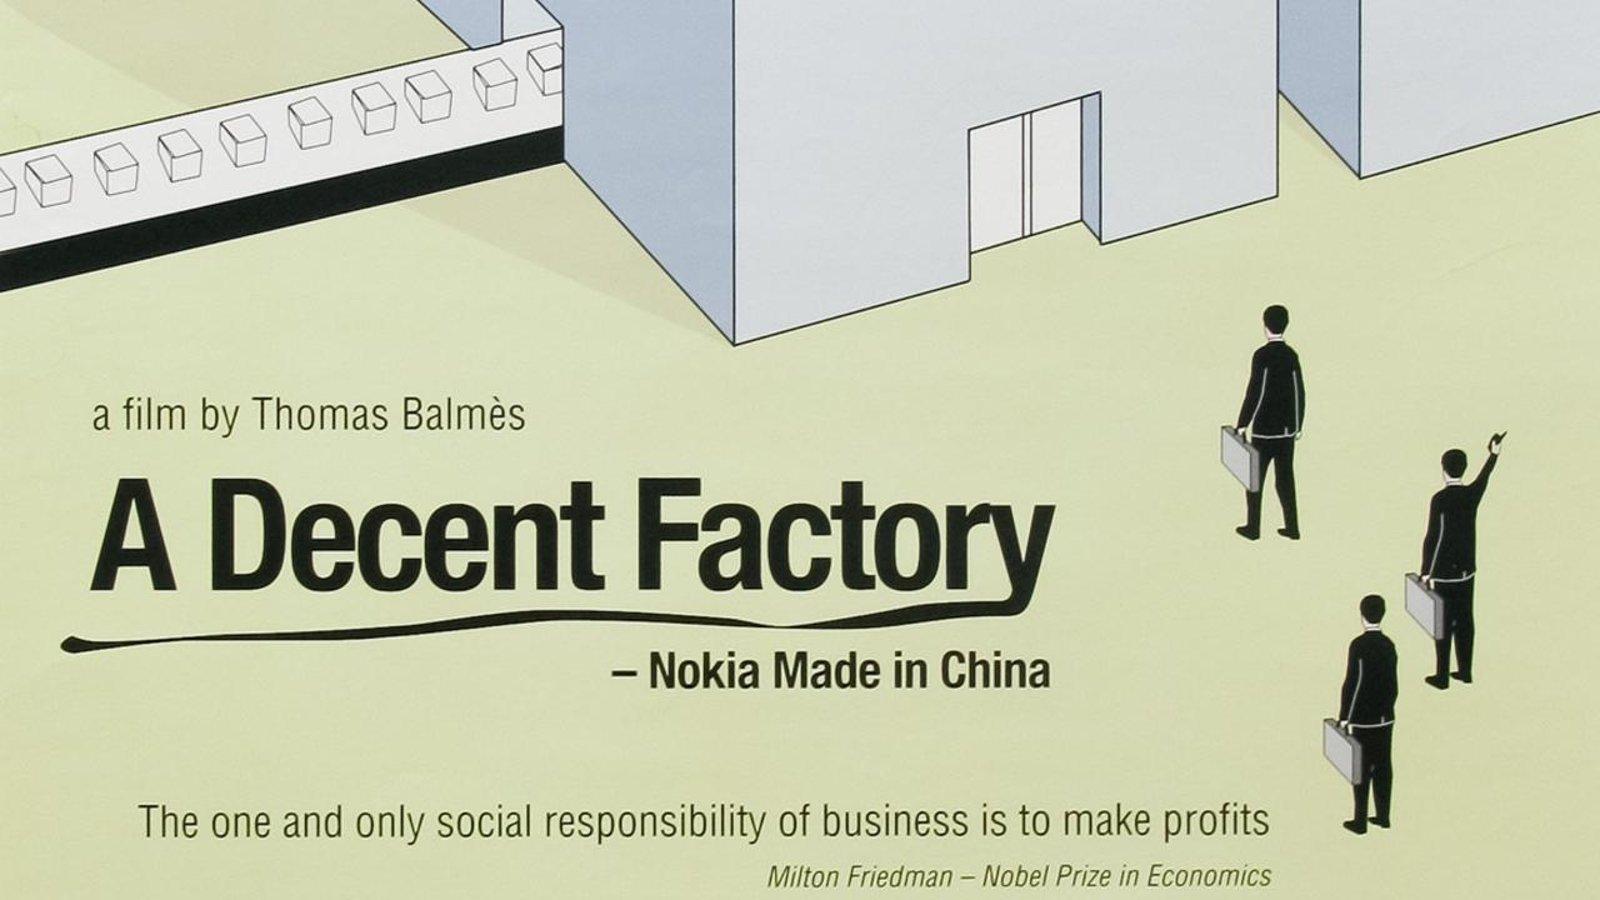 A Decent Factory?